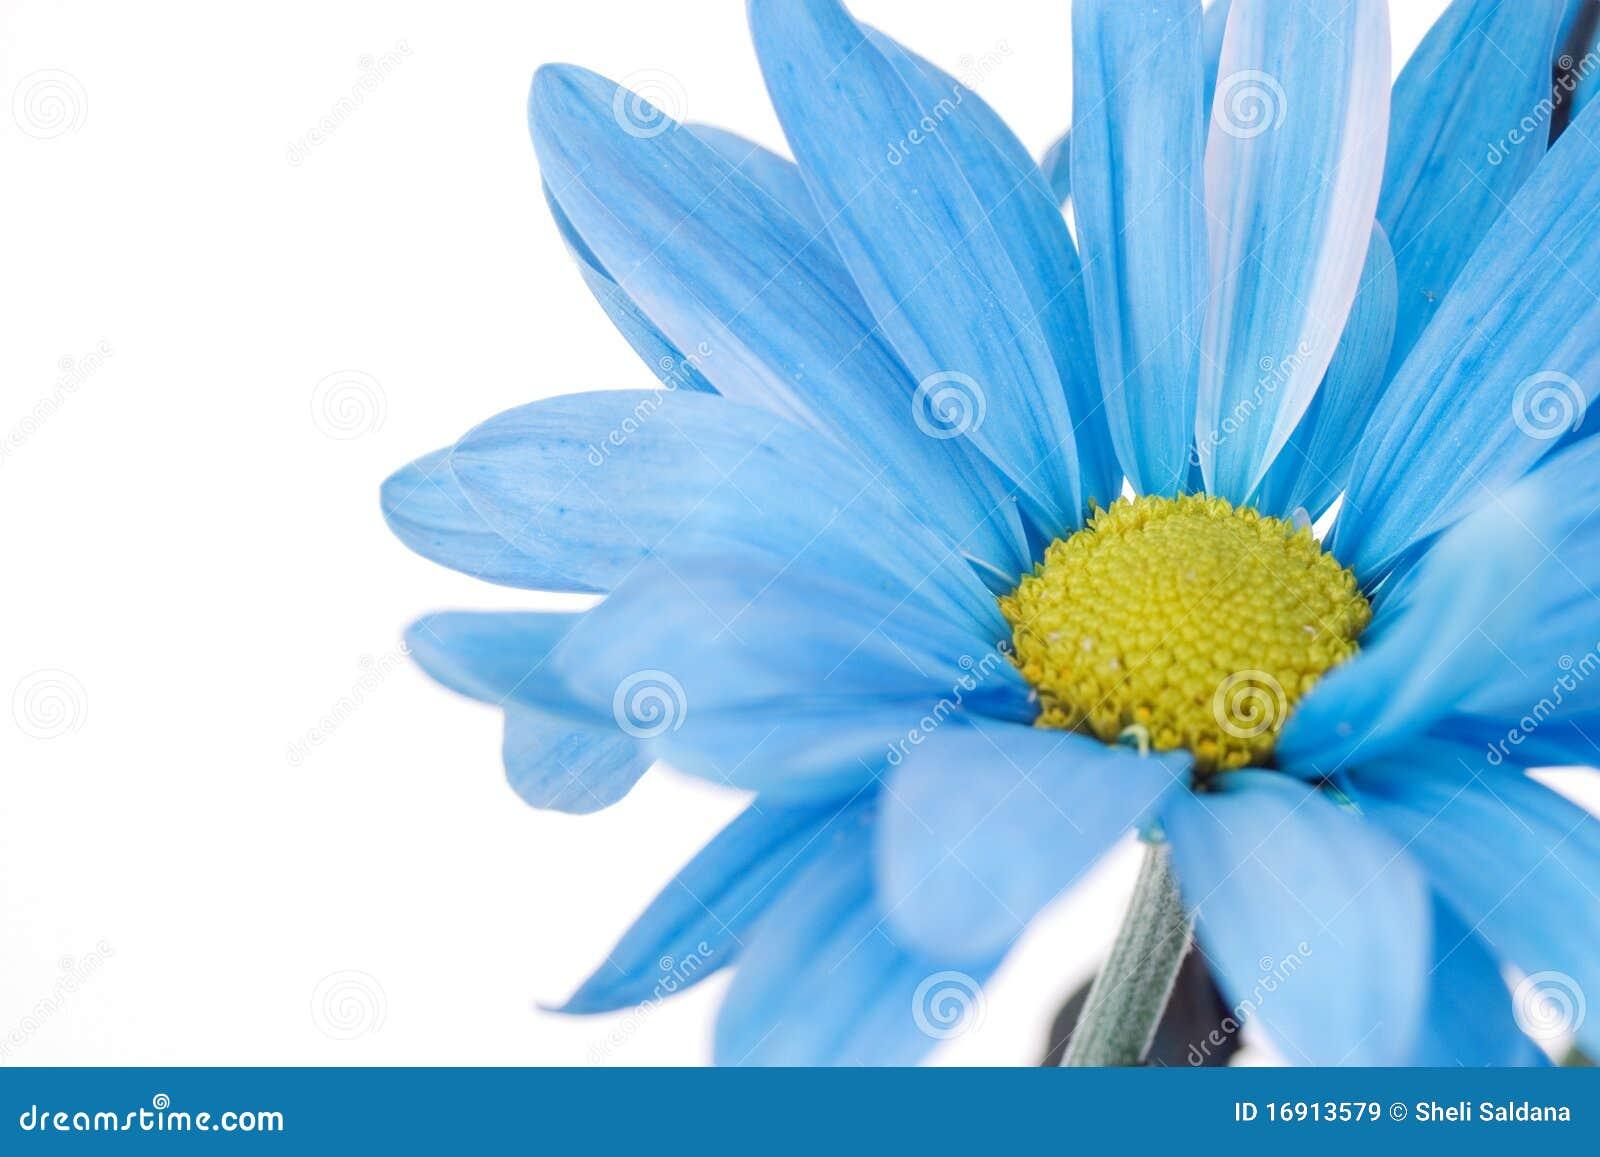 ... daisy flower yellow daisy flower blue daisy flower clip art blue daisy